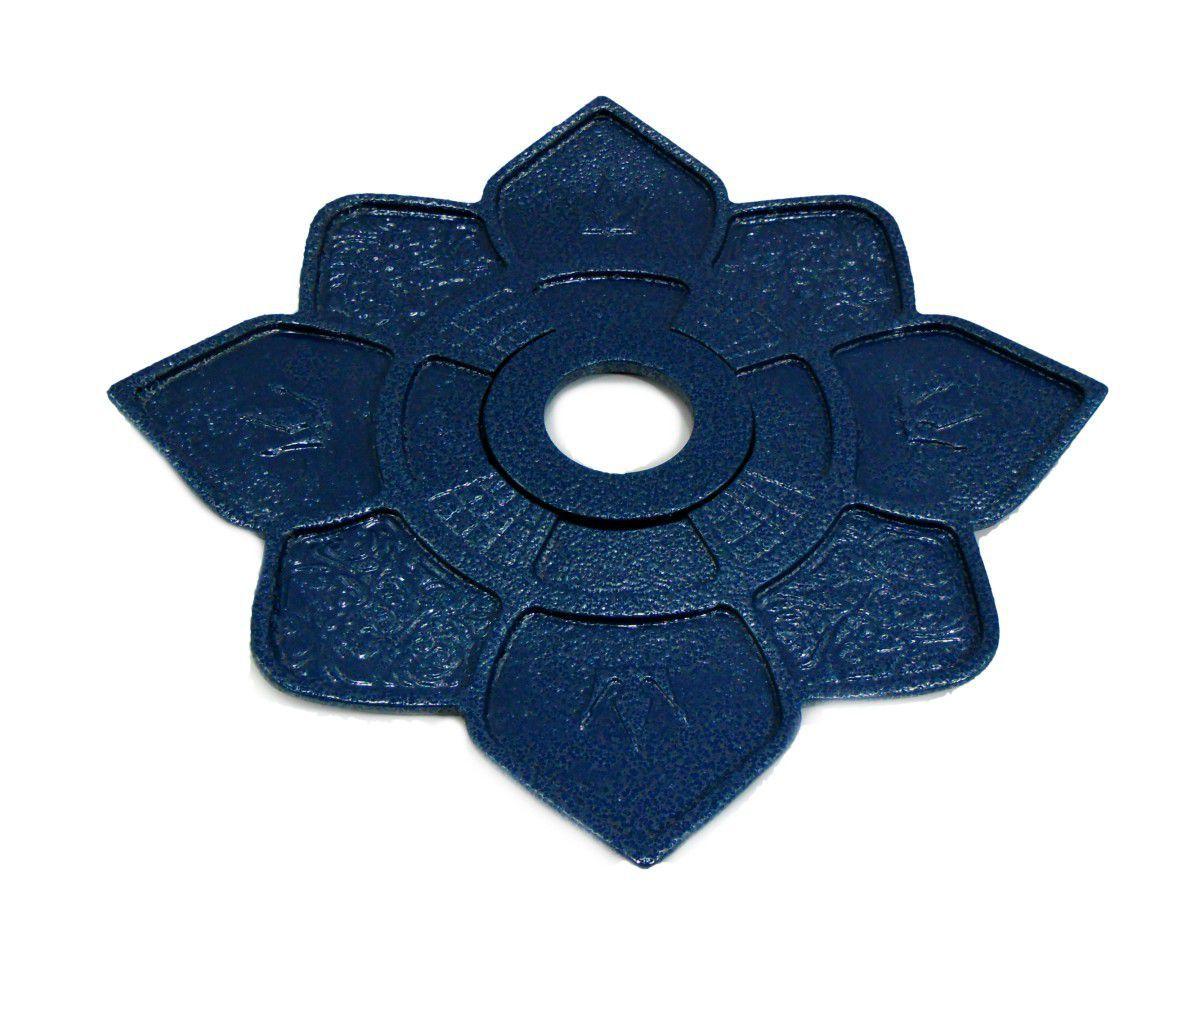 Prato para narguile IMPERIA com pintura epóxi com textura martelada. 27cm de diâmetro, 4cm de furo. Azul martelado